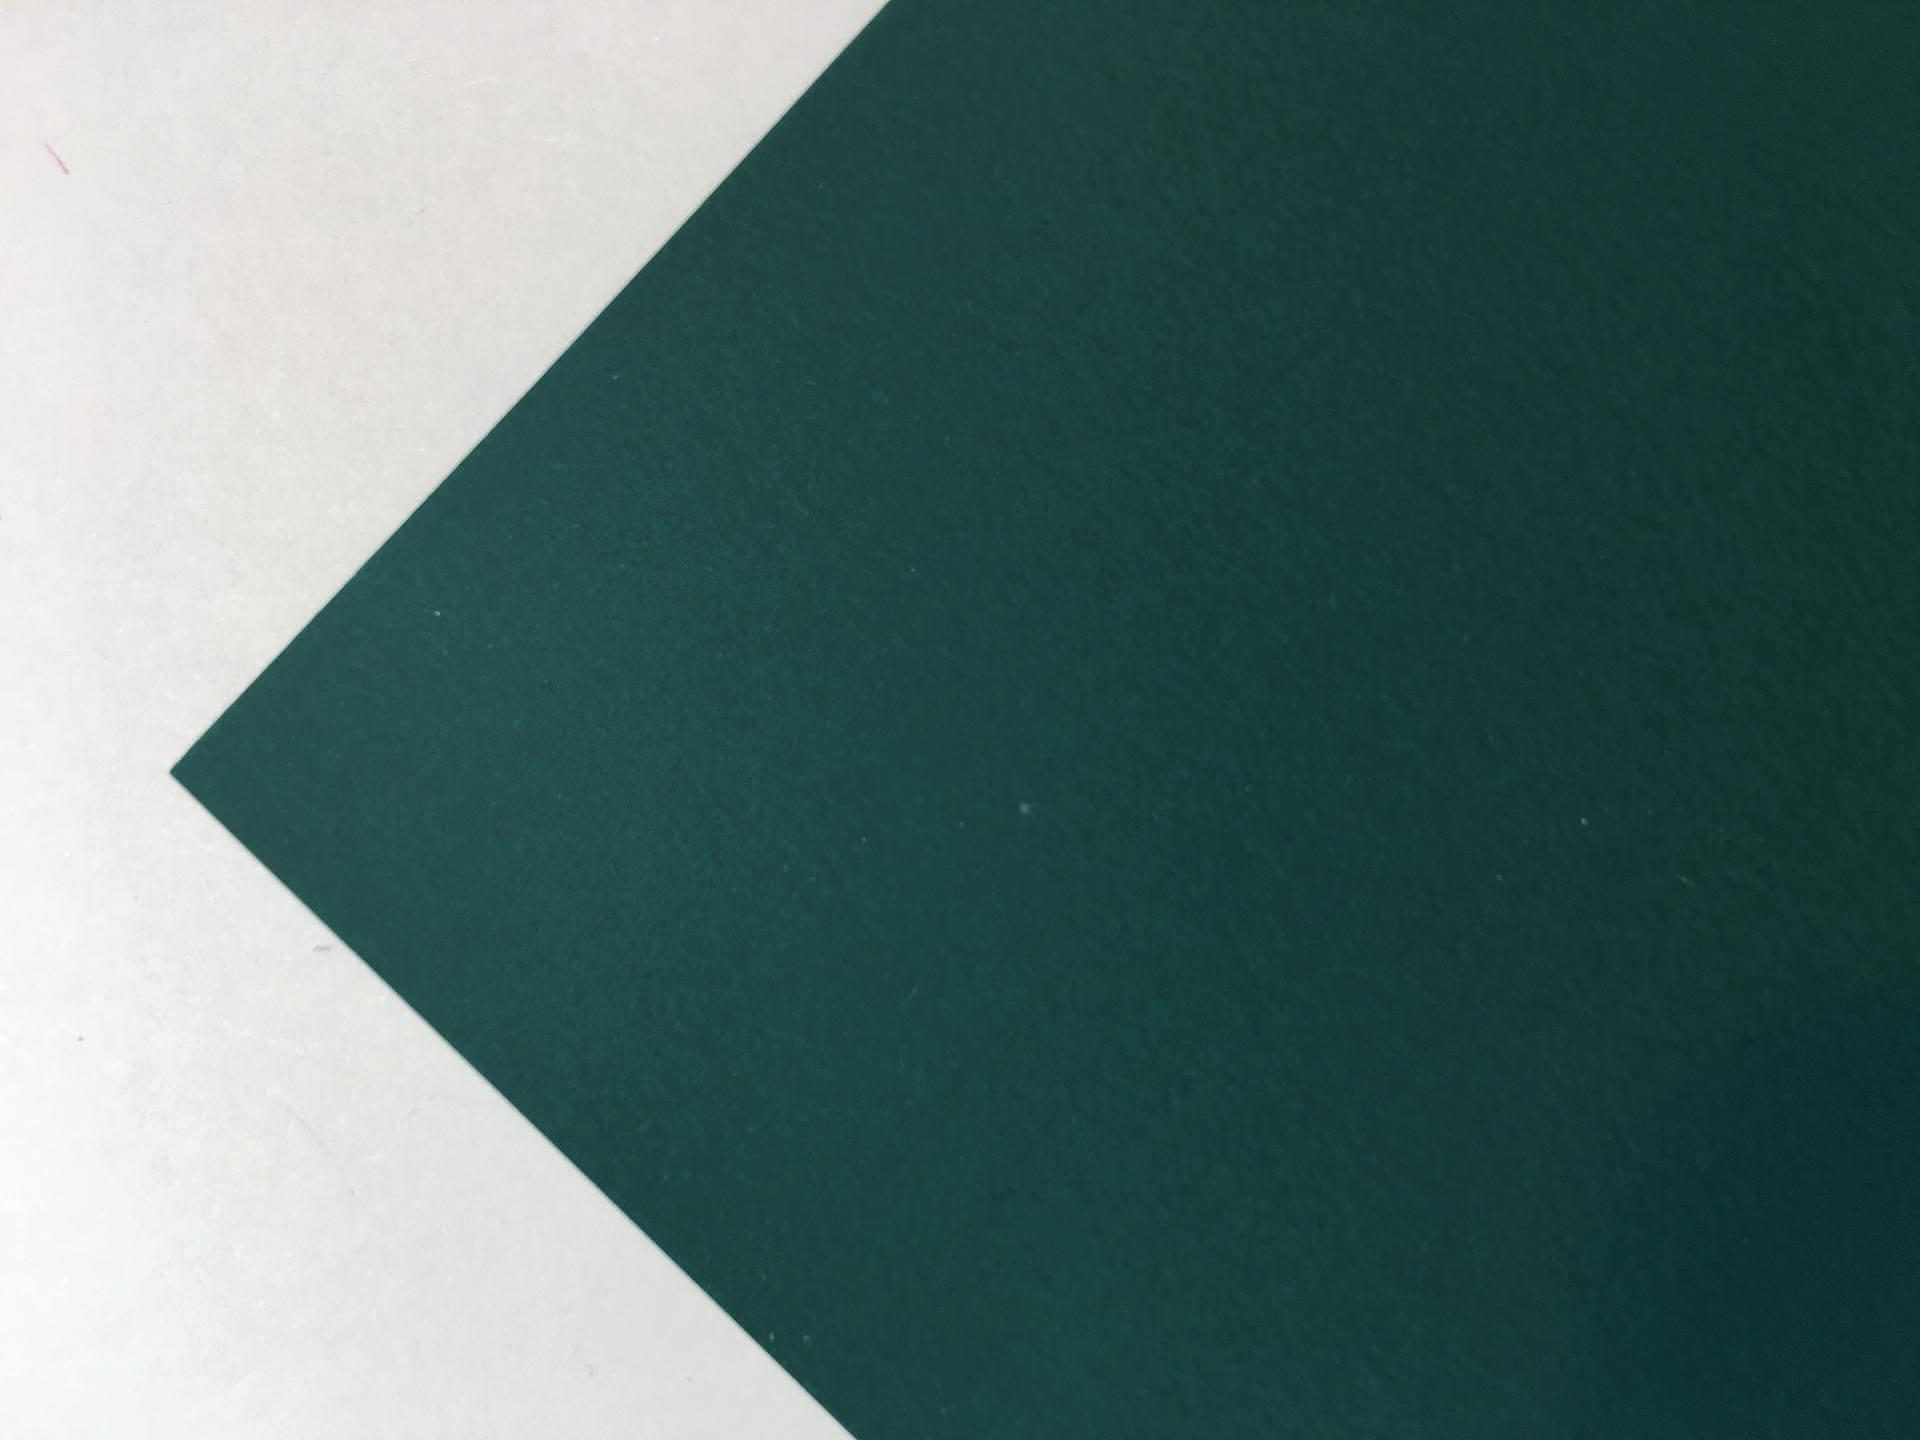 Plike 2s green